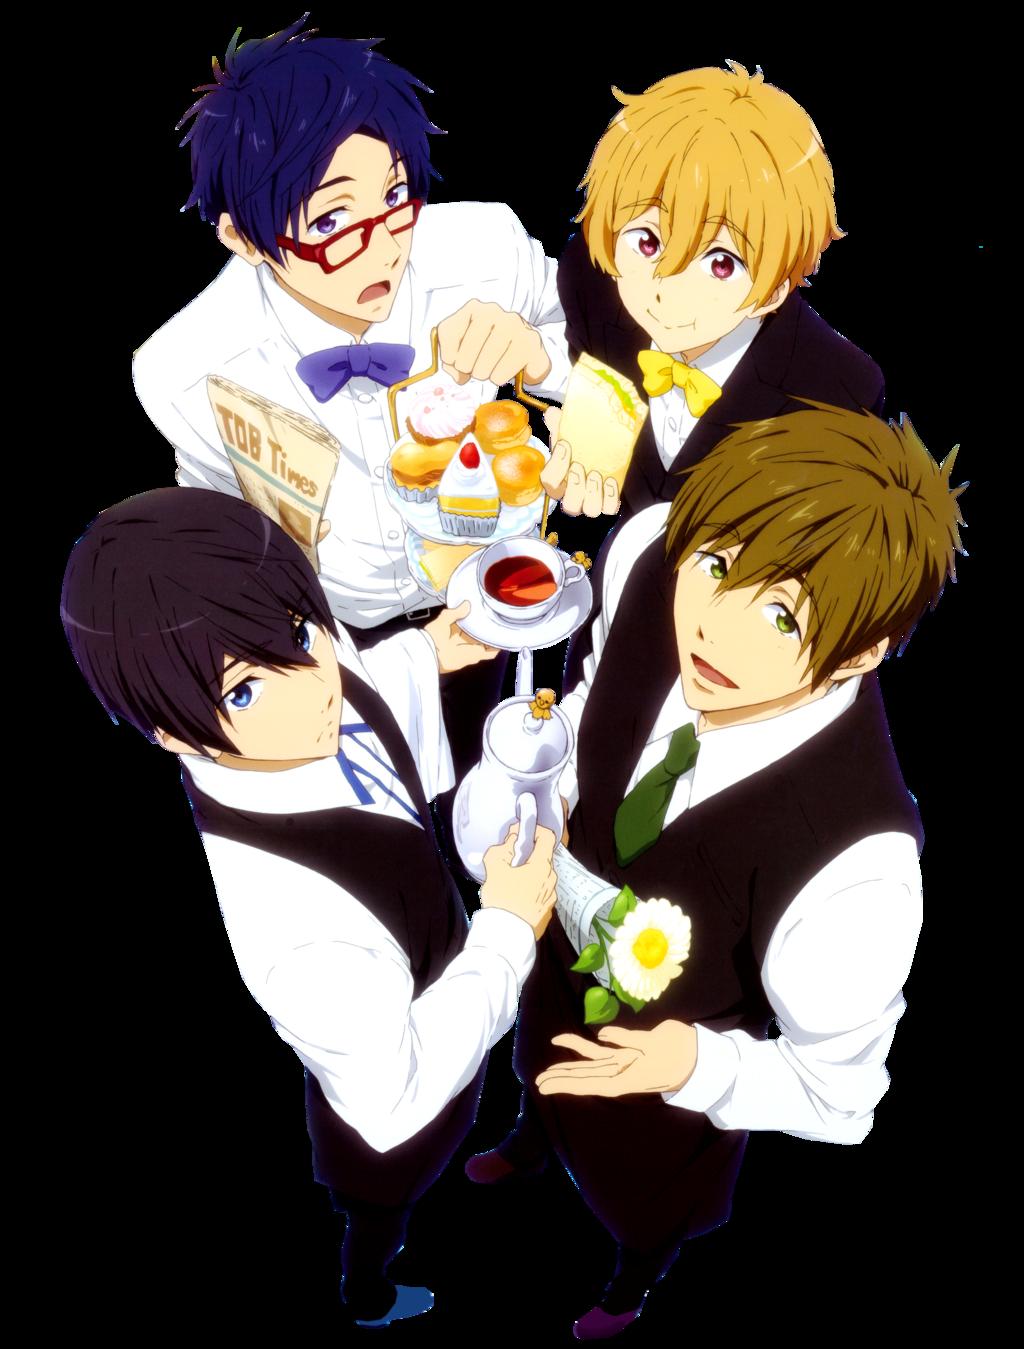 Team Iwatobi Render by Stella1994x on DeviantArt Anime